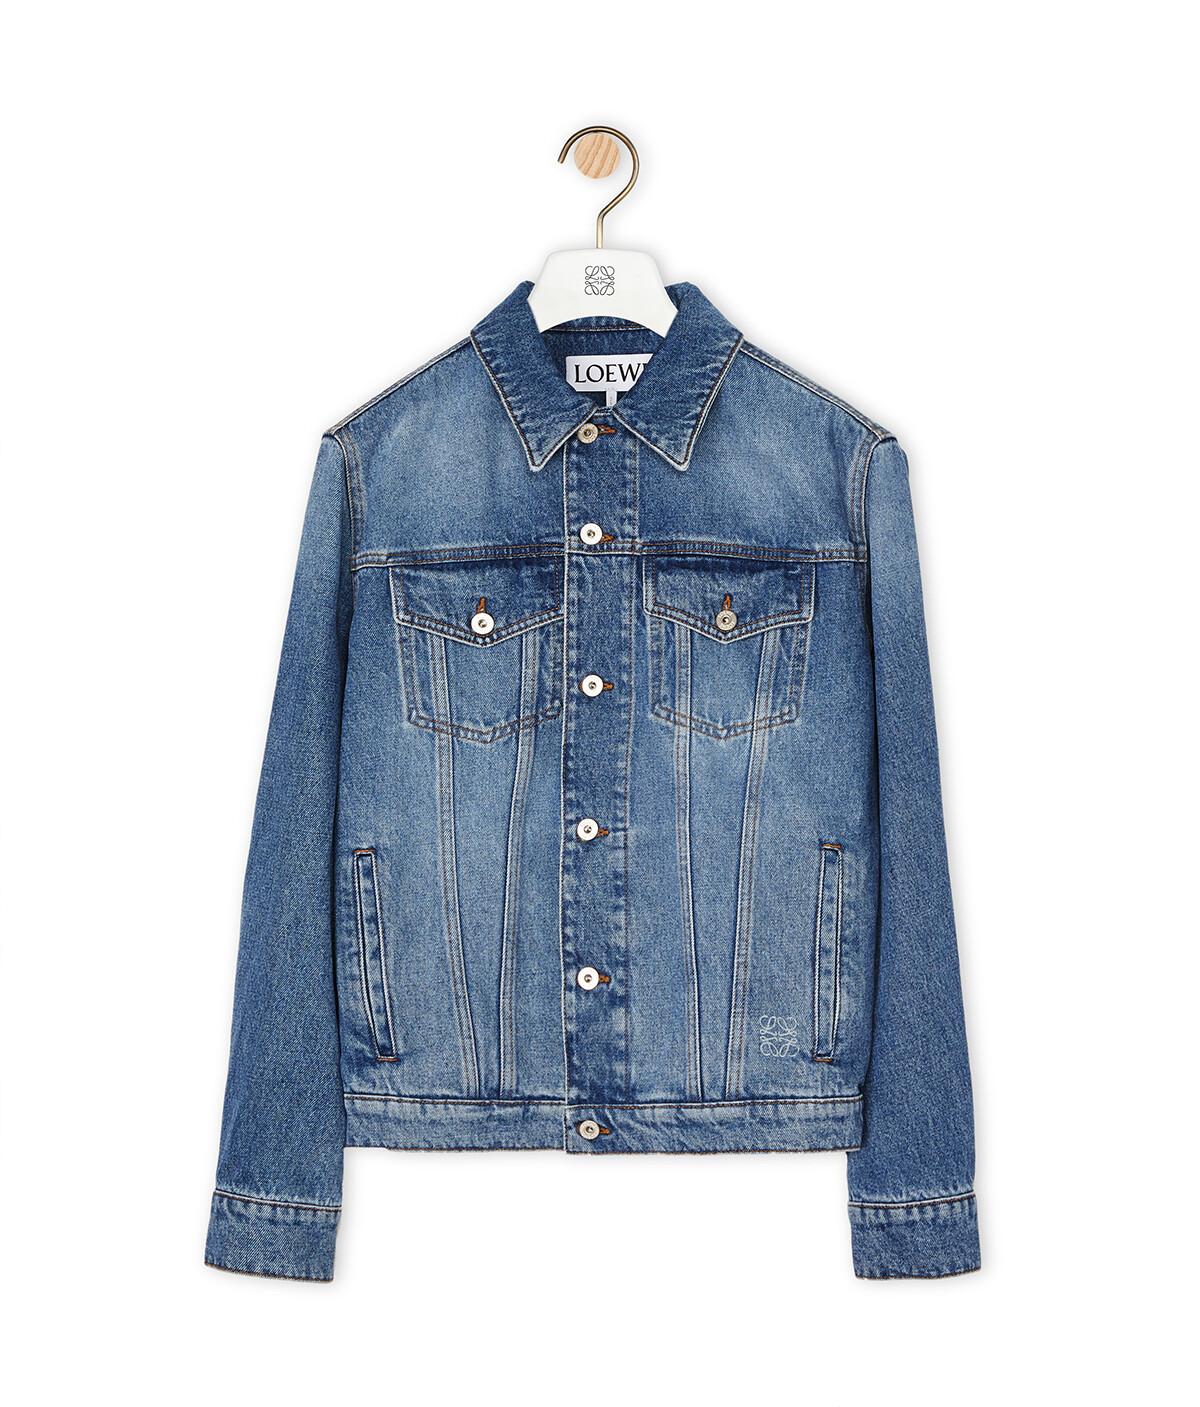 LOEWE Denim Jacket Azul front